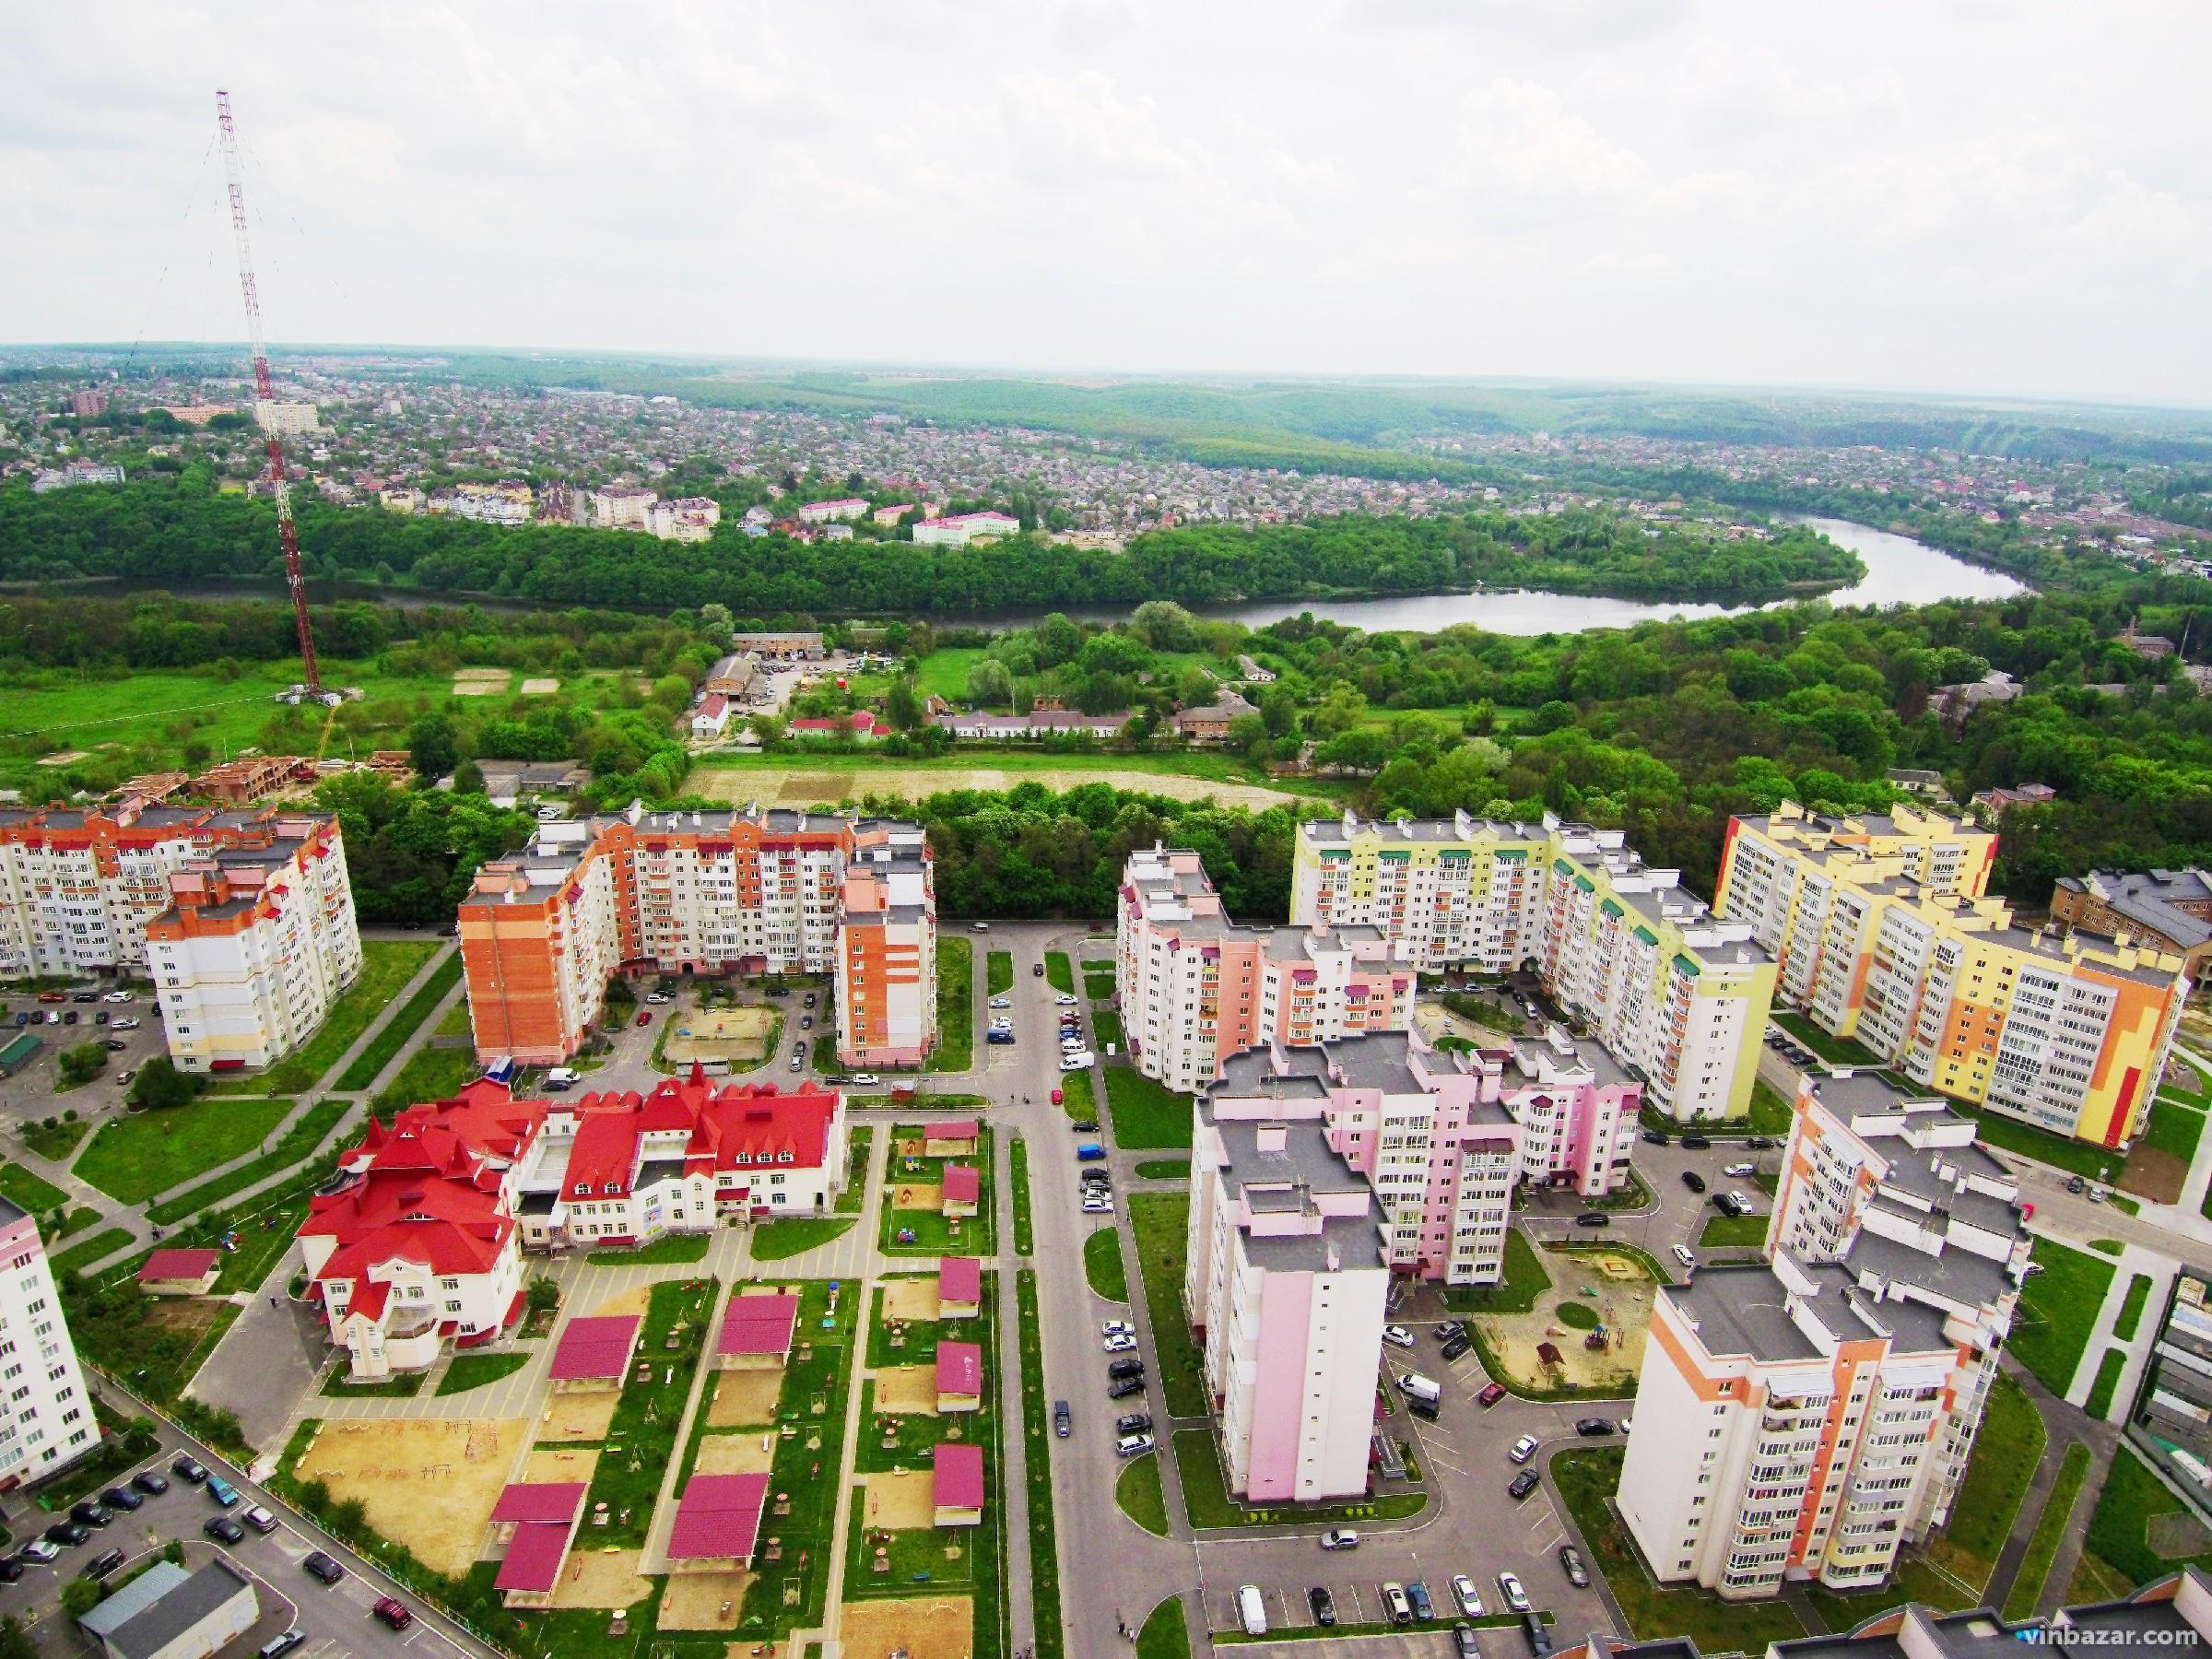 Піднебесна Вінниця: 20 знімків міста зроблені з квадрокоптера ч.2 (Фото)